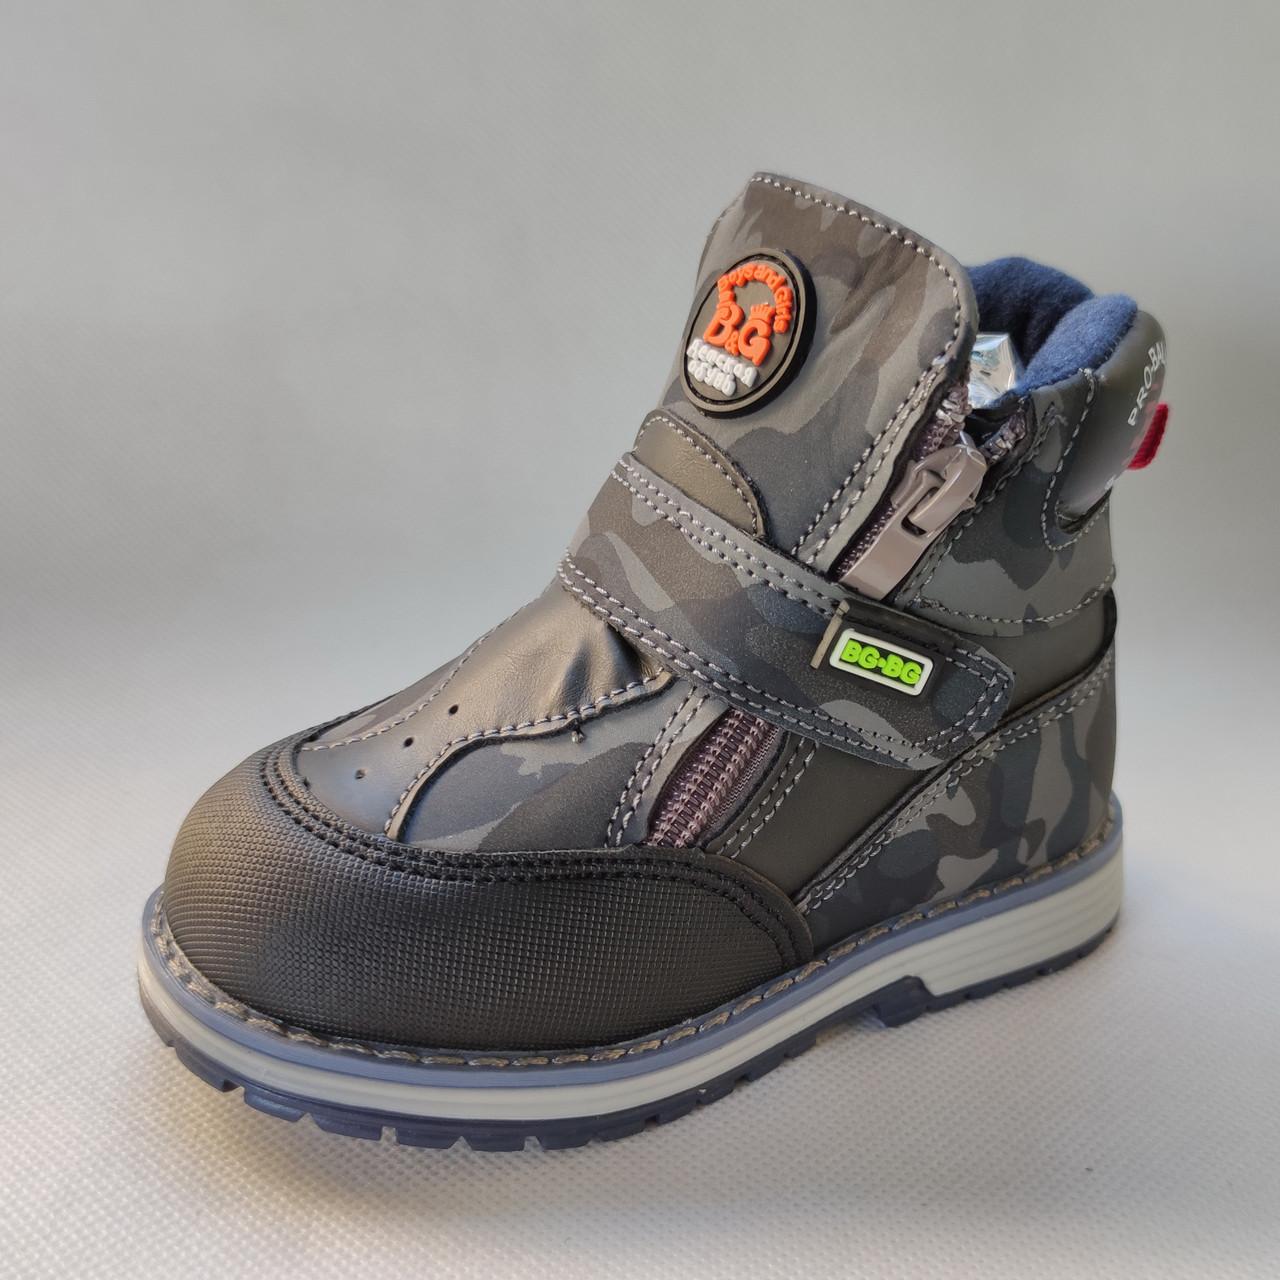 Детские демисезонные ботинки для мальчика хаки BBT 24р 15см